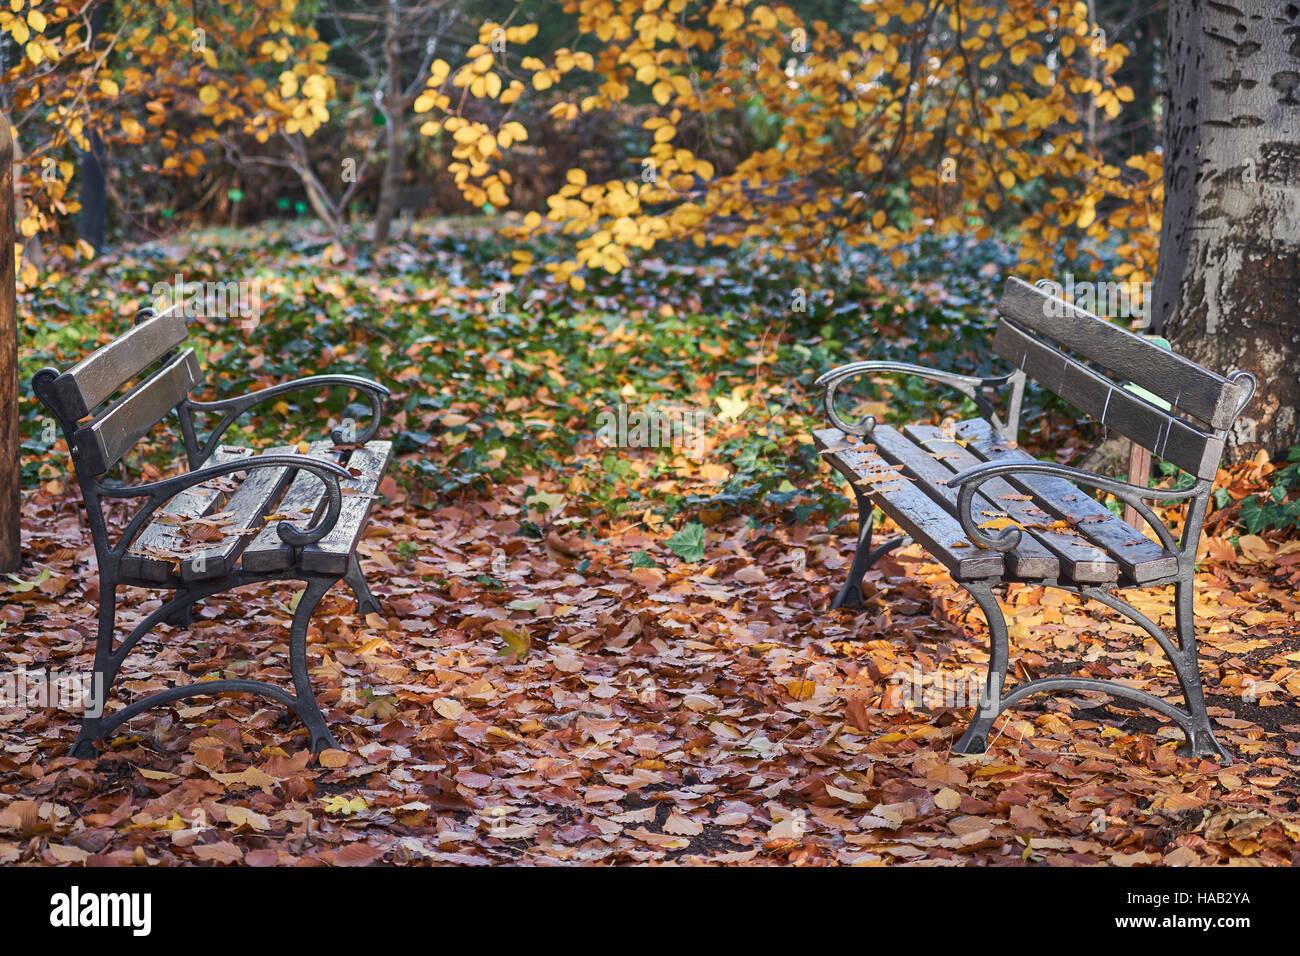 Bancos vacíos entre caído hojas de otoño nostalgia Imagen De Stock